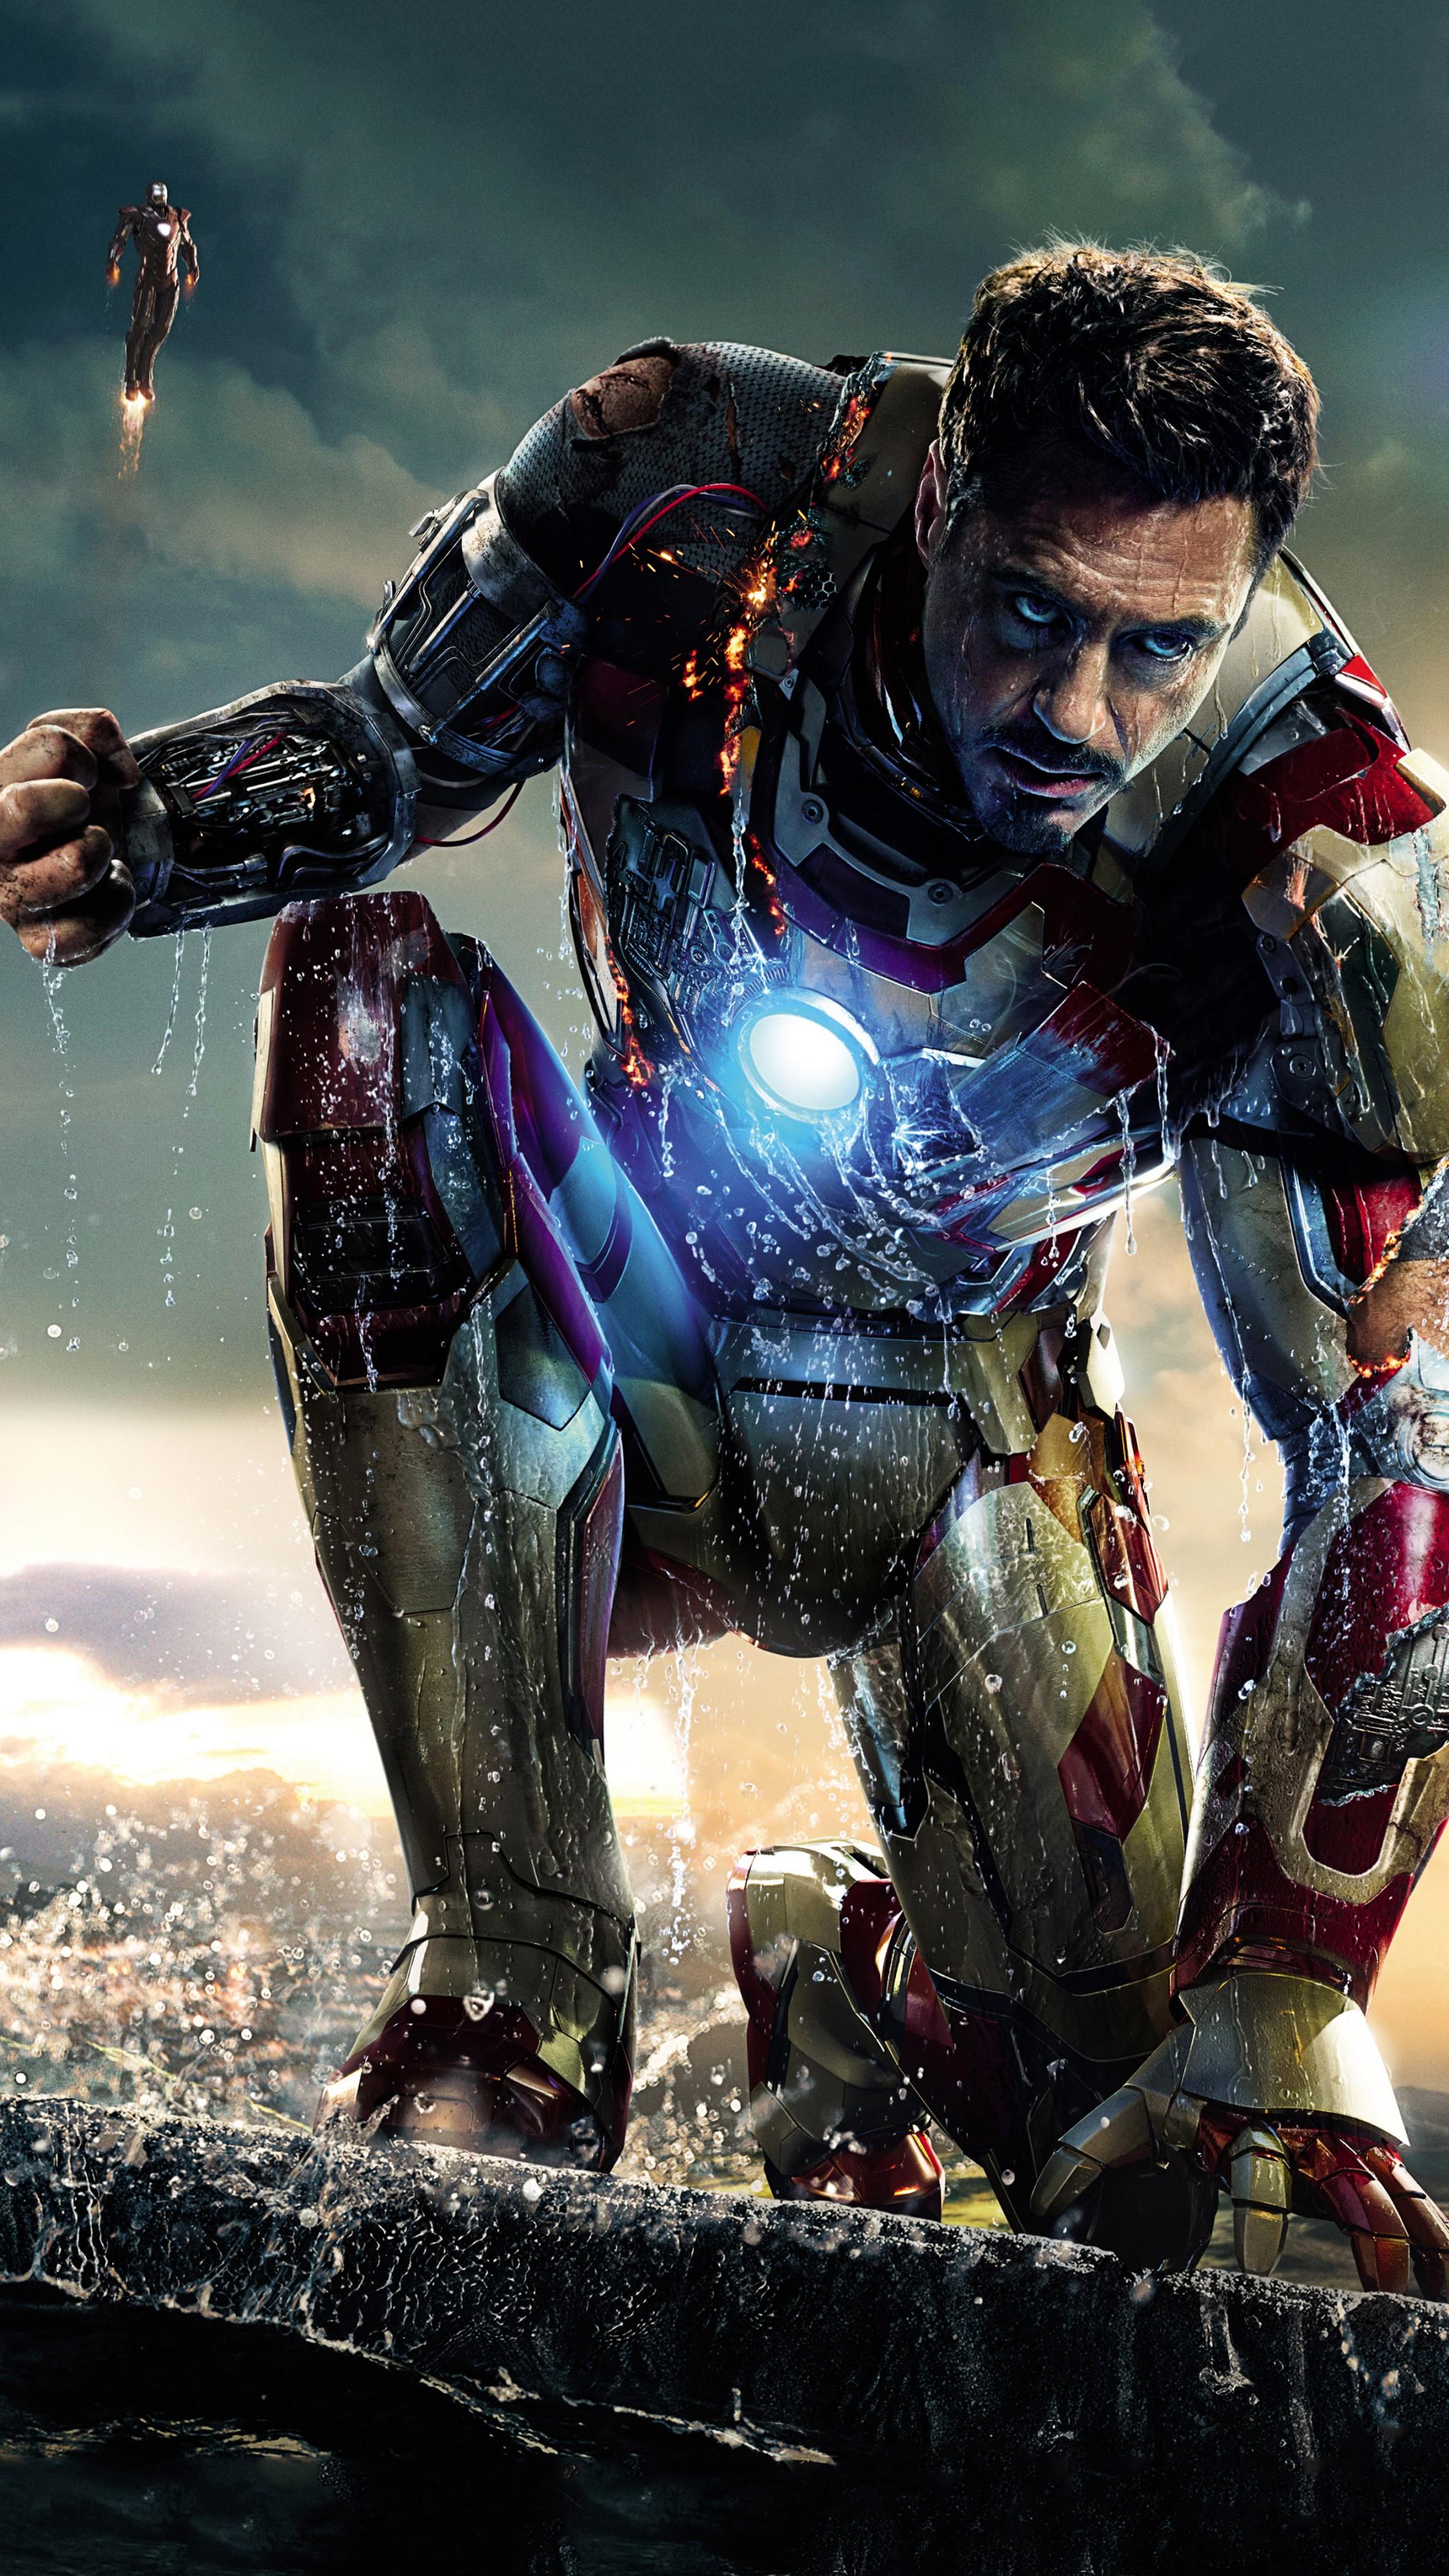 Iron Man 2: Wallpaper Avengers: Age Of Ultron, Avengers 2, Robert